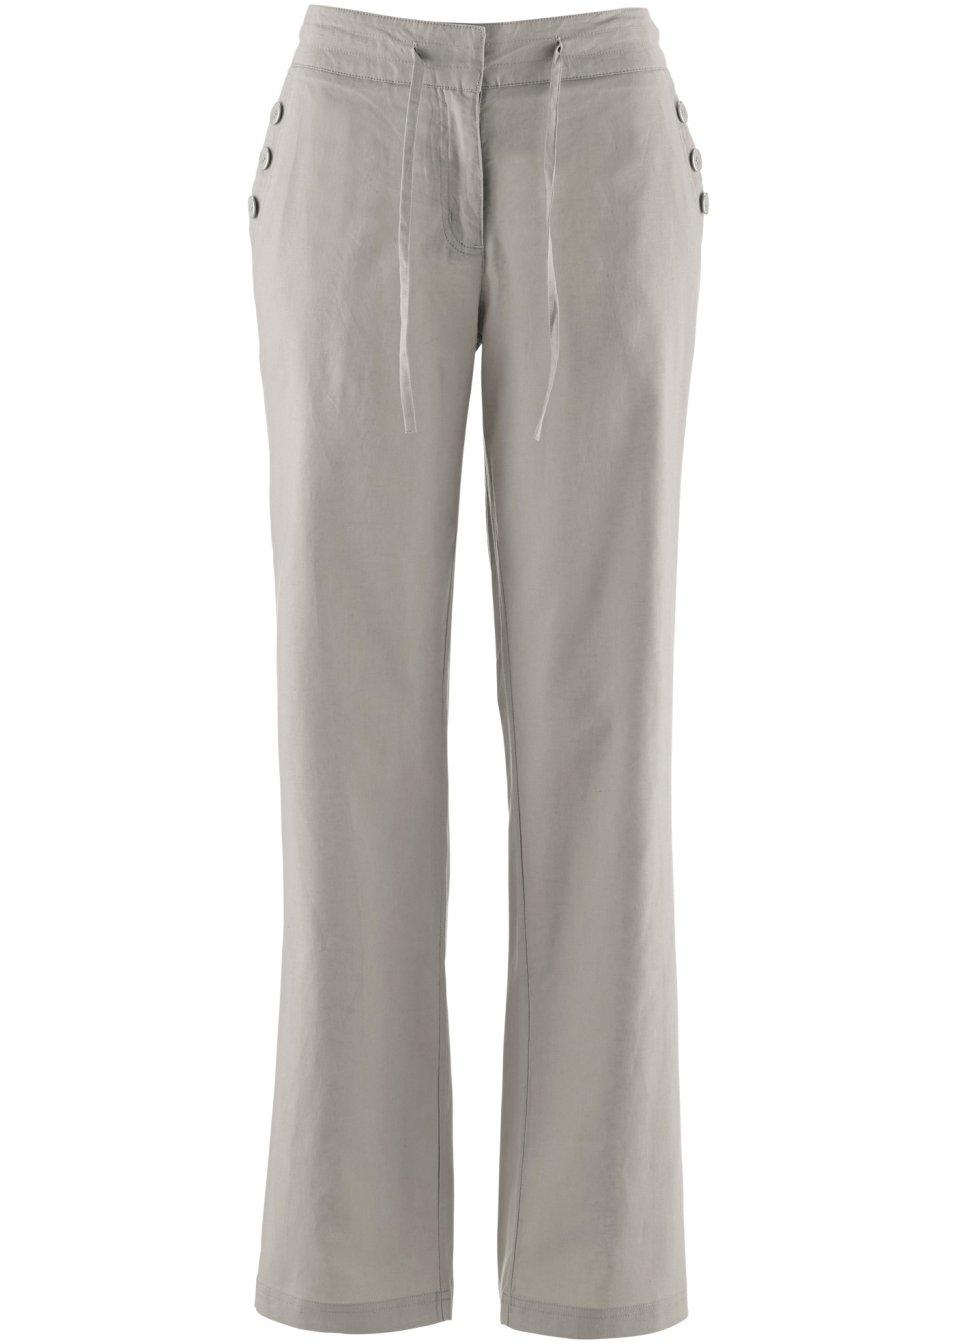 Etwas weiter geschnittene Hose aus hautfreundlichem Leinen - naturstein Eyrpi MEJ6m